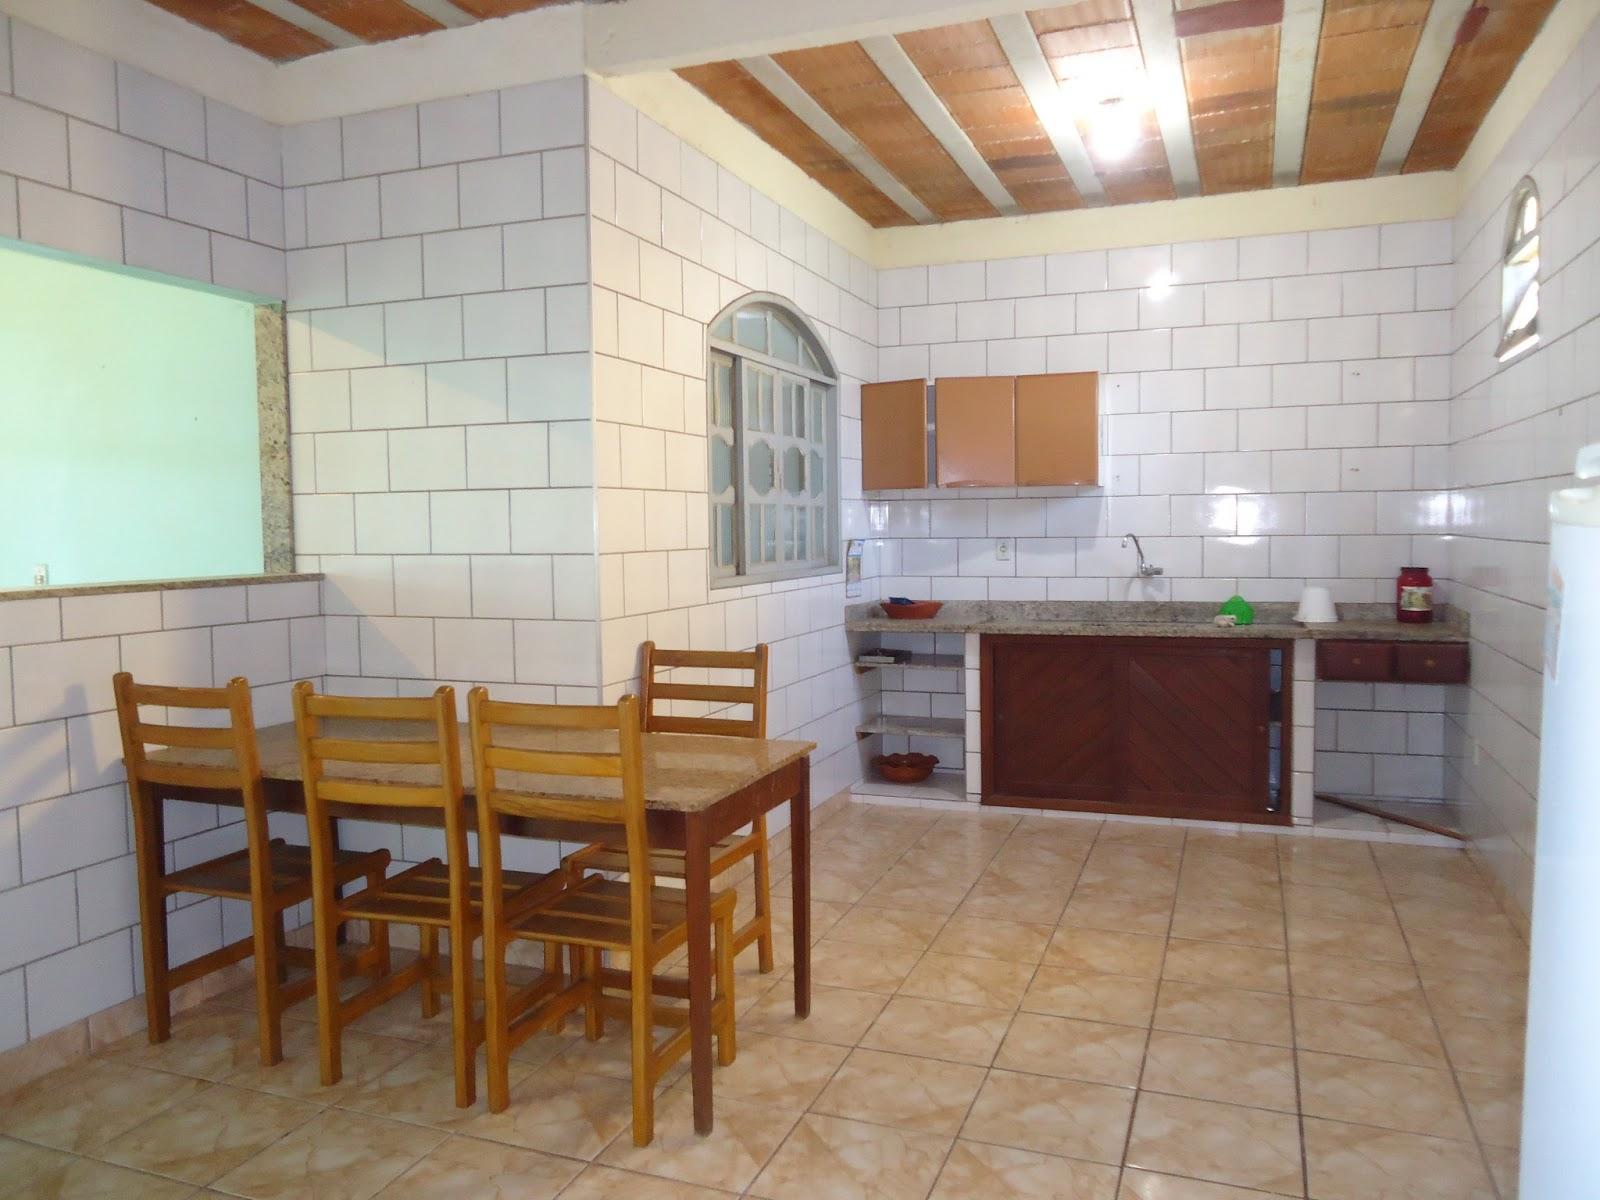 de Imóveis.CRECI nº 6741 f: Vendo Casa Piúma próxima a orla de  #6D4122 1600 1200